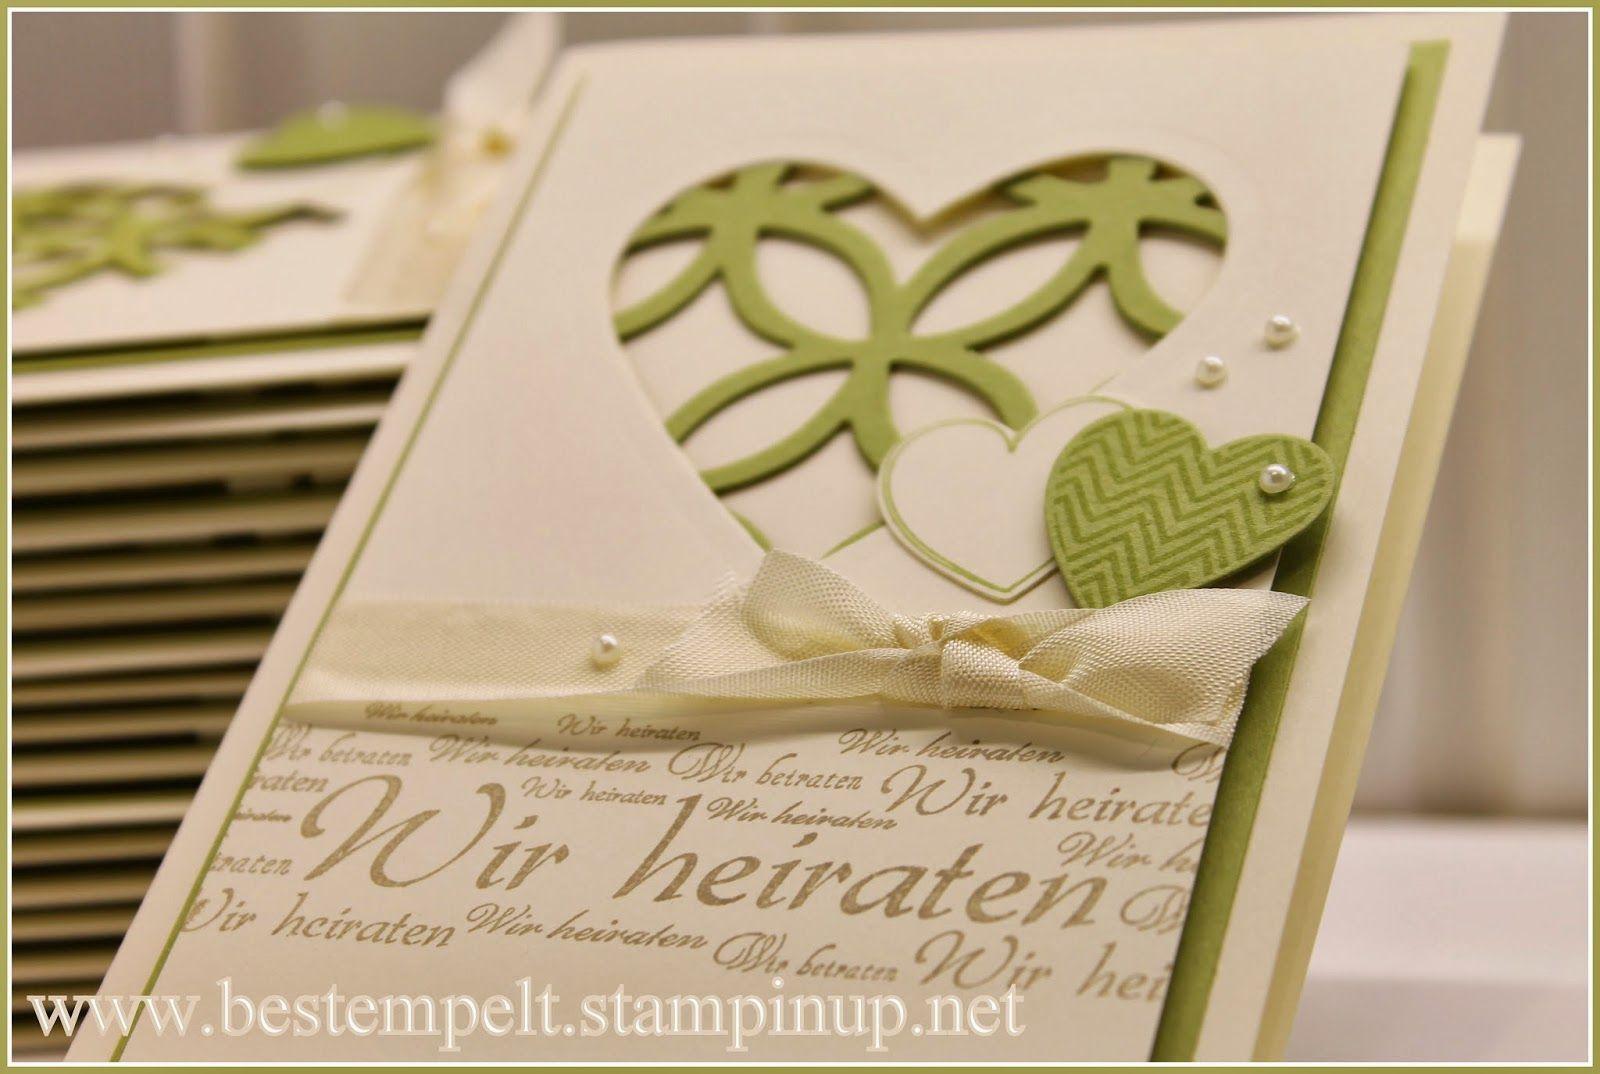 Hochzeitskarten Stampin Up  Die fertigen Hochzeitskarten